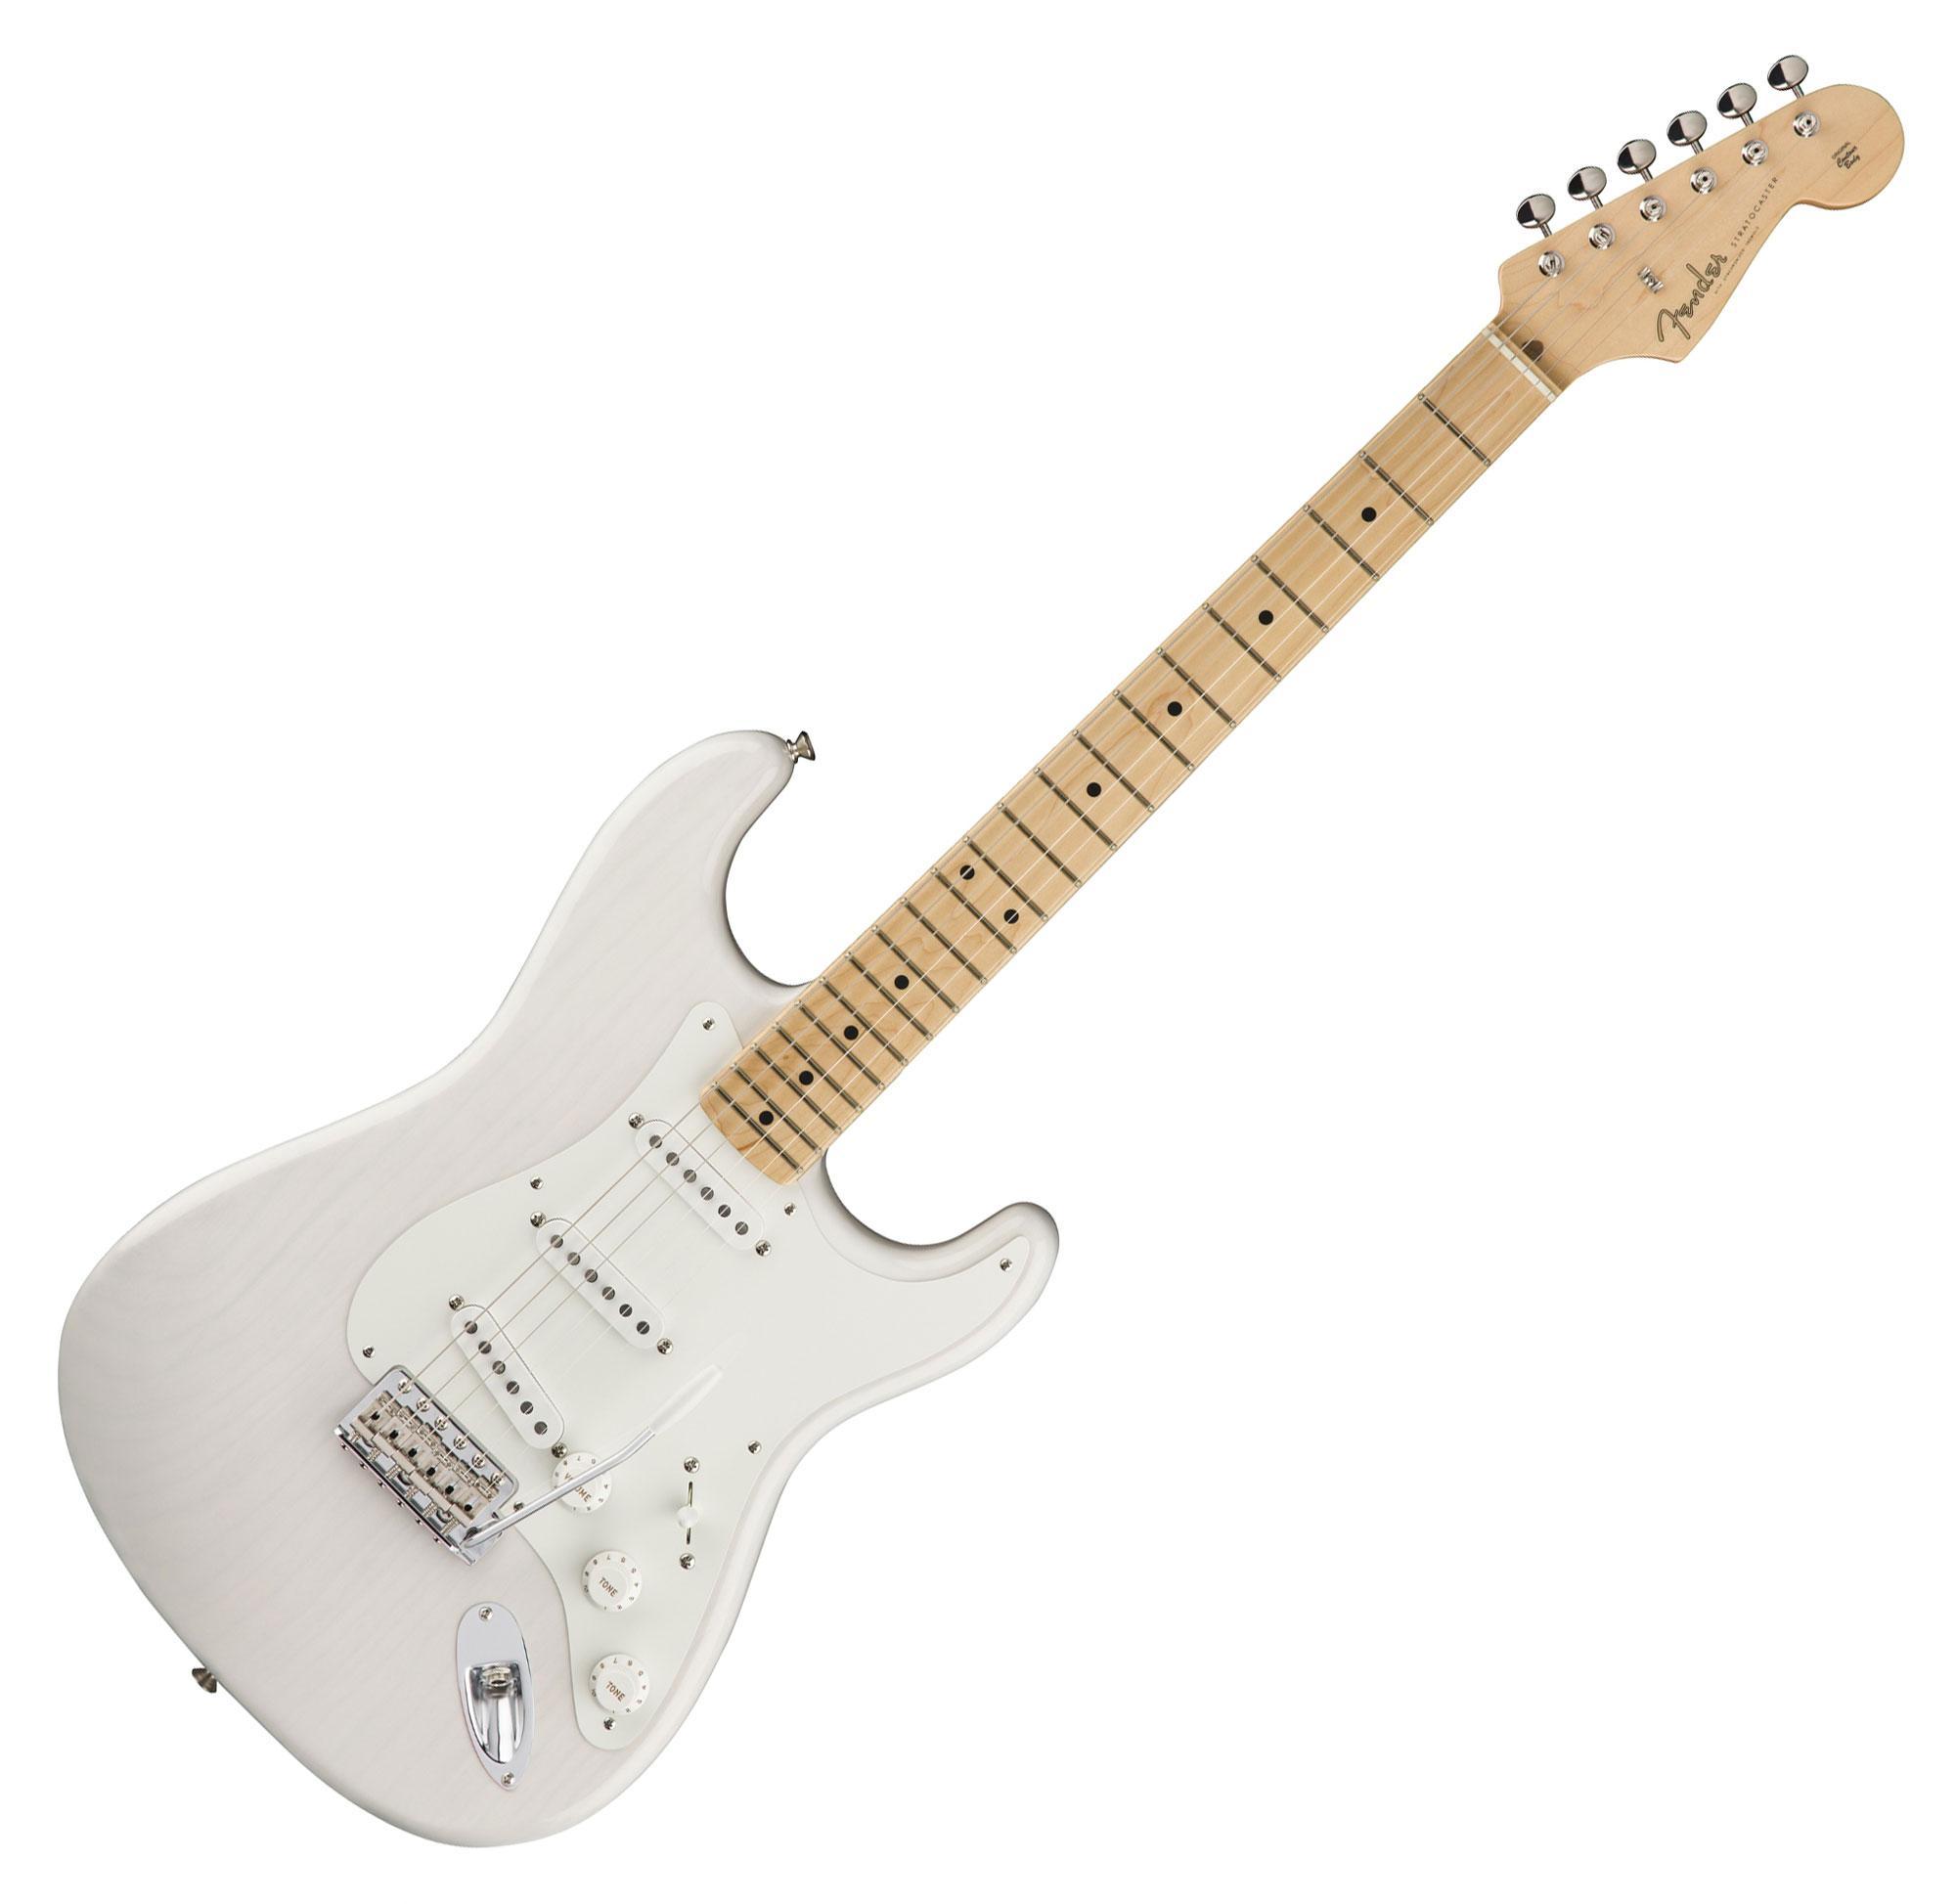 Egitarren - Fender American Original 50's Strat MN WB - Onlineshop Musikhaus Kirstein